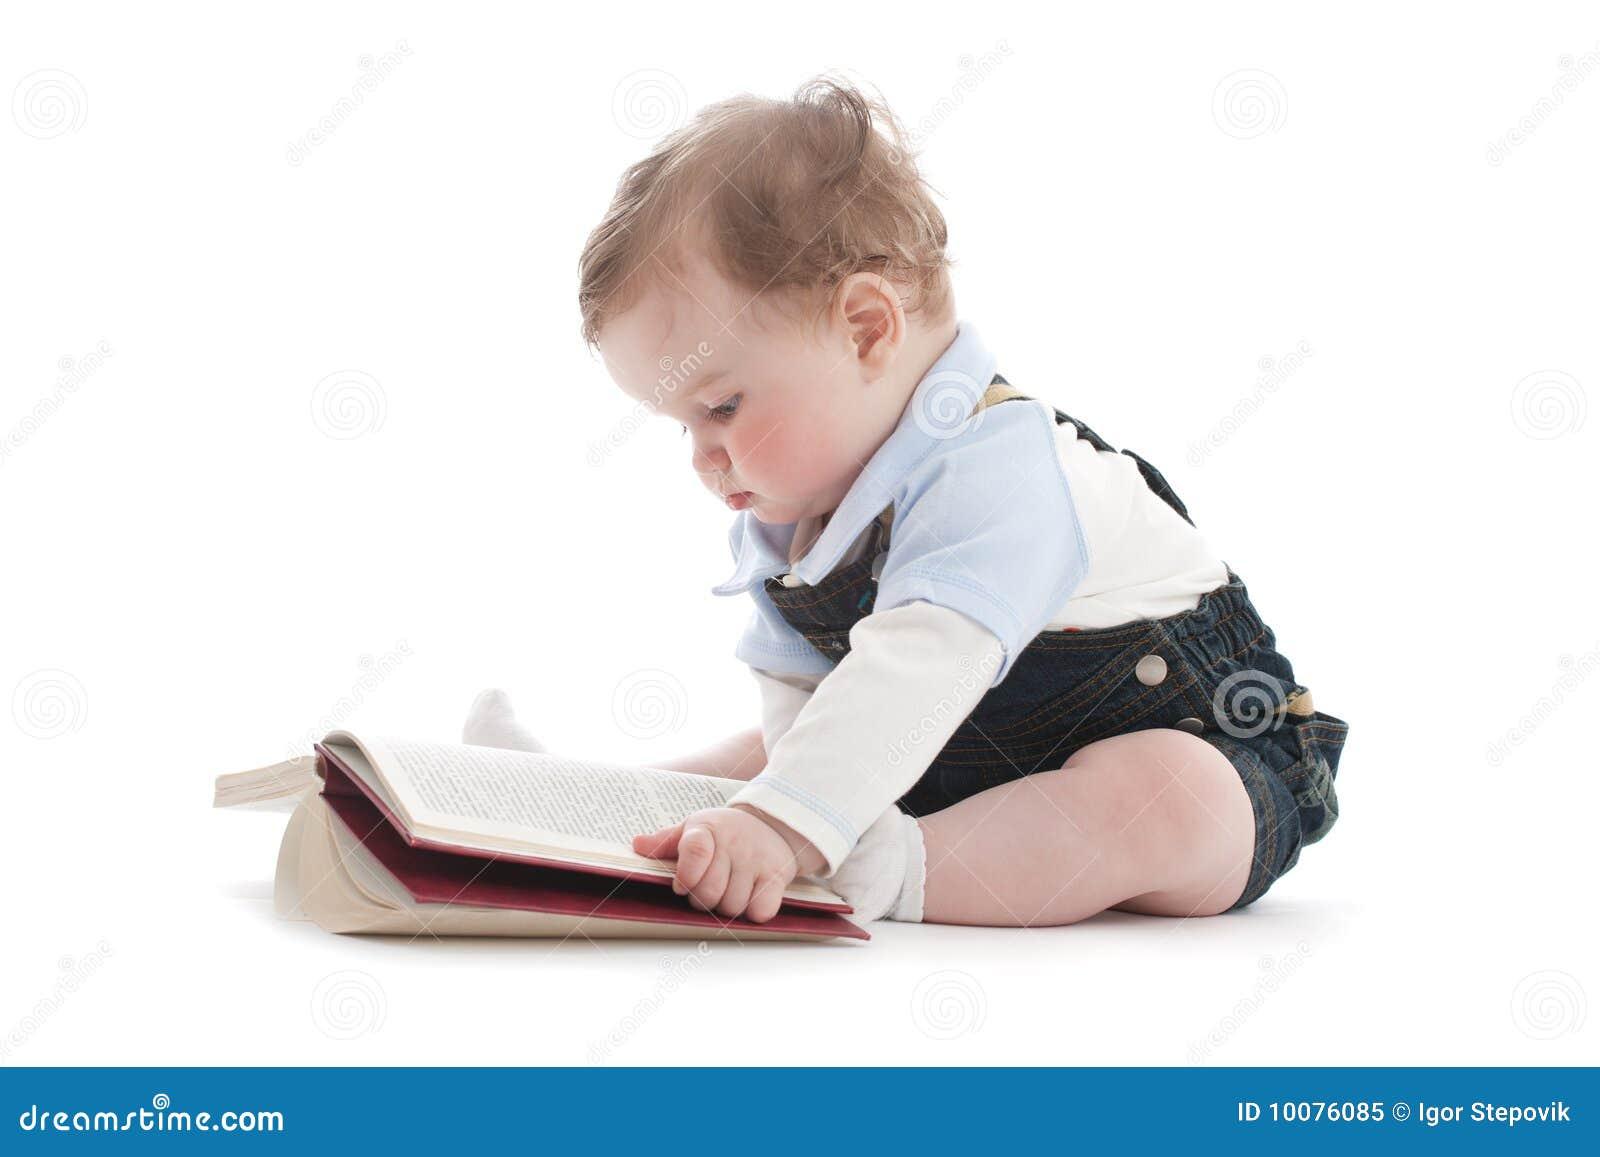 zwei jahre alte nette junge die ein buch lesen lizenzfreies stockfoto bild 10076085. Black Bedroom Furniture Sets. Home Design Ideas